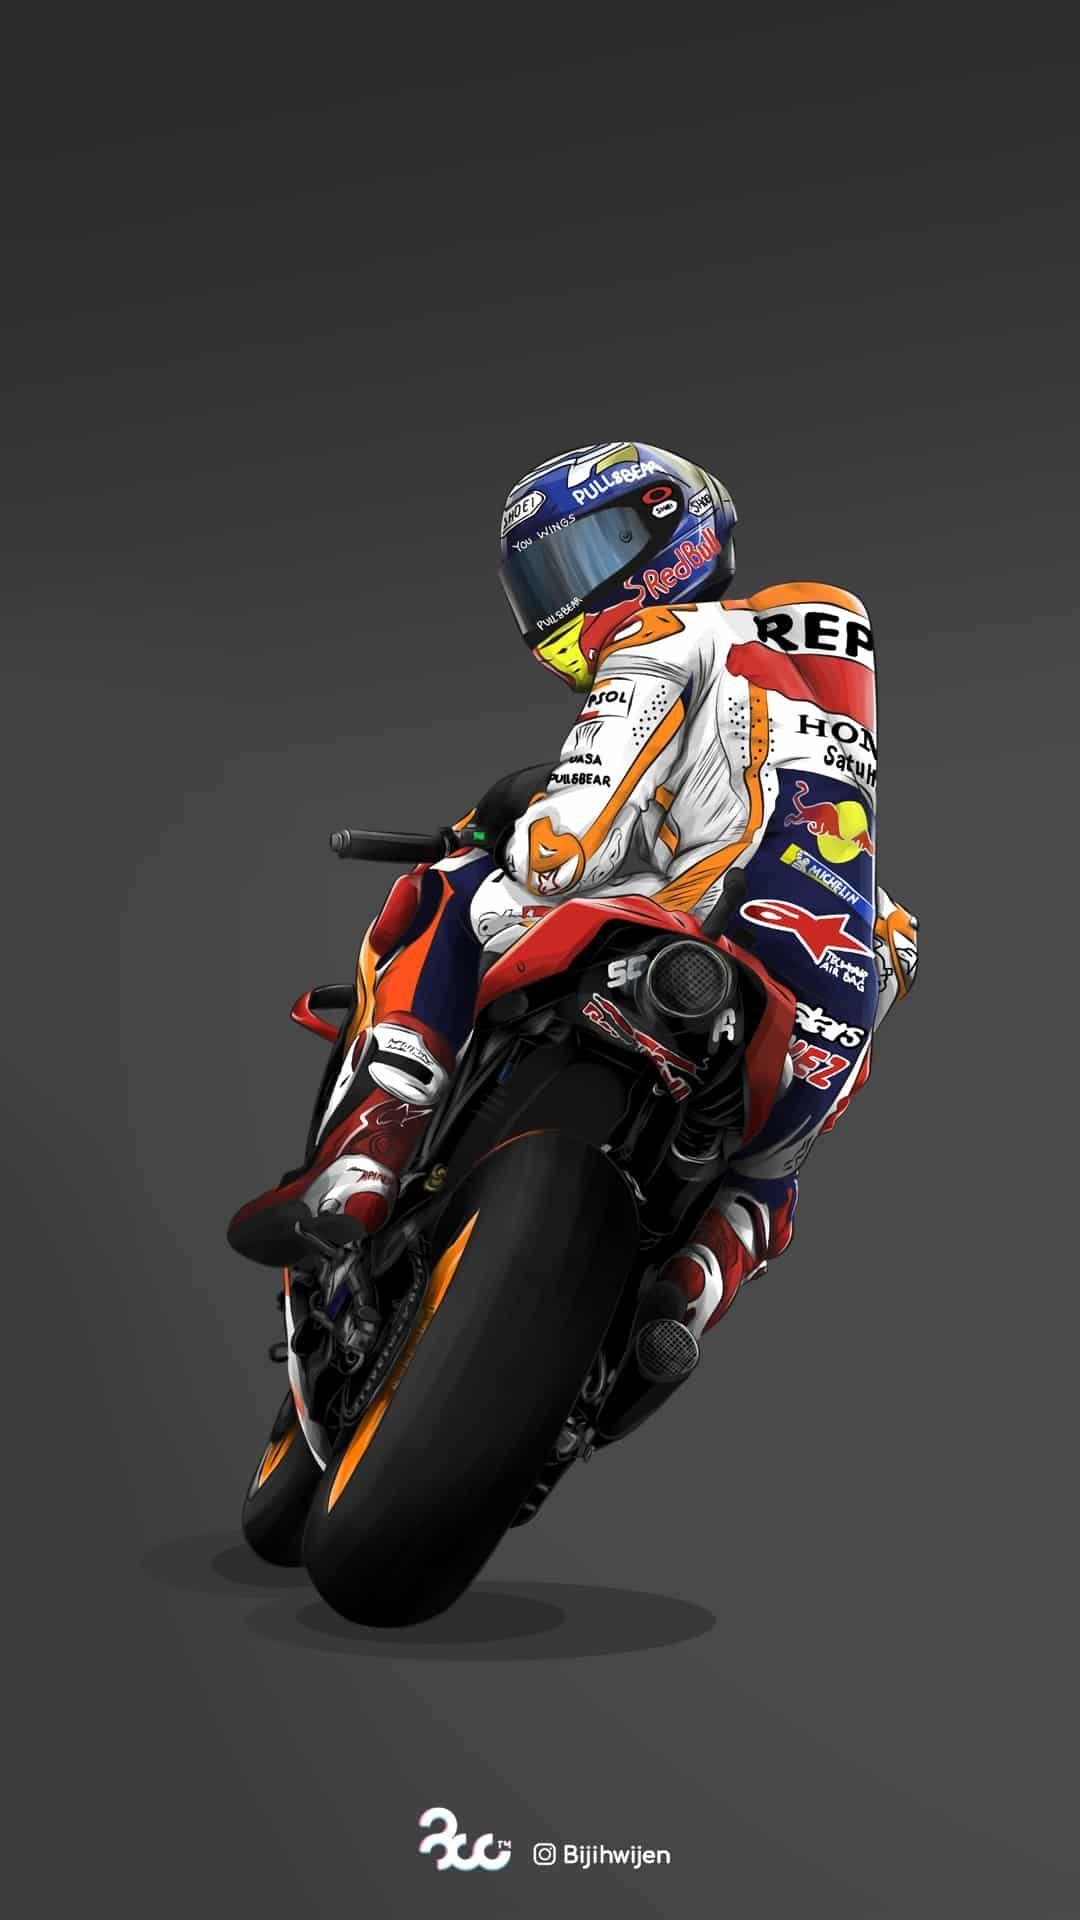 Auto Racing Marquez Motogp Marc Marquez Motogp Motogp 2019 Yamaha Moto Gp Wallpapers Motogp Motogp Helmet Motog In 2020 Hintergrundbilder Schone Autos Motorrad